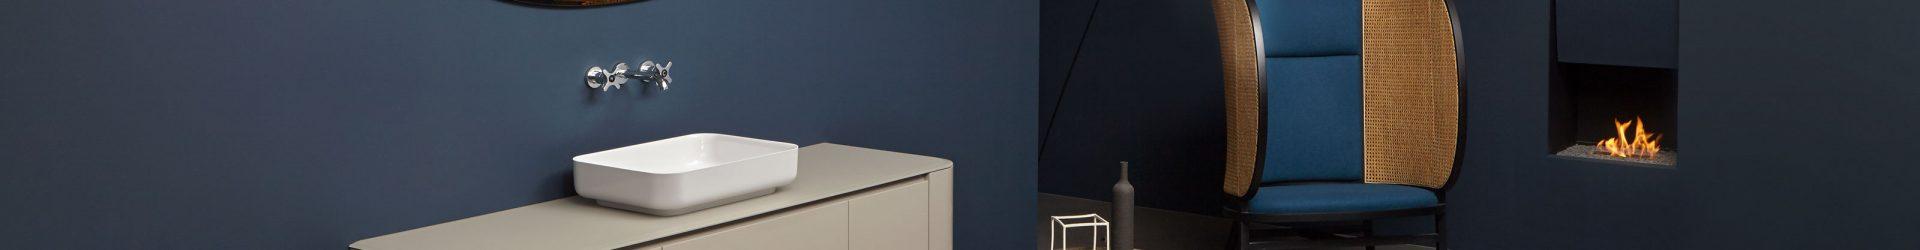 Classic Blue è il colore Pantone del 2020: come utilizzarlo nell'interior design